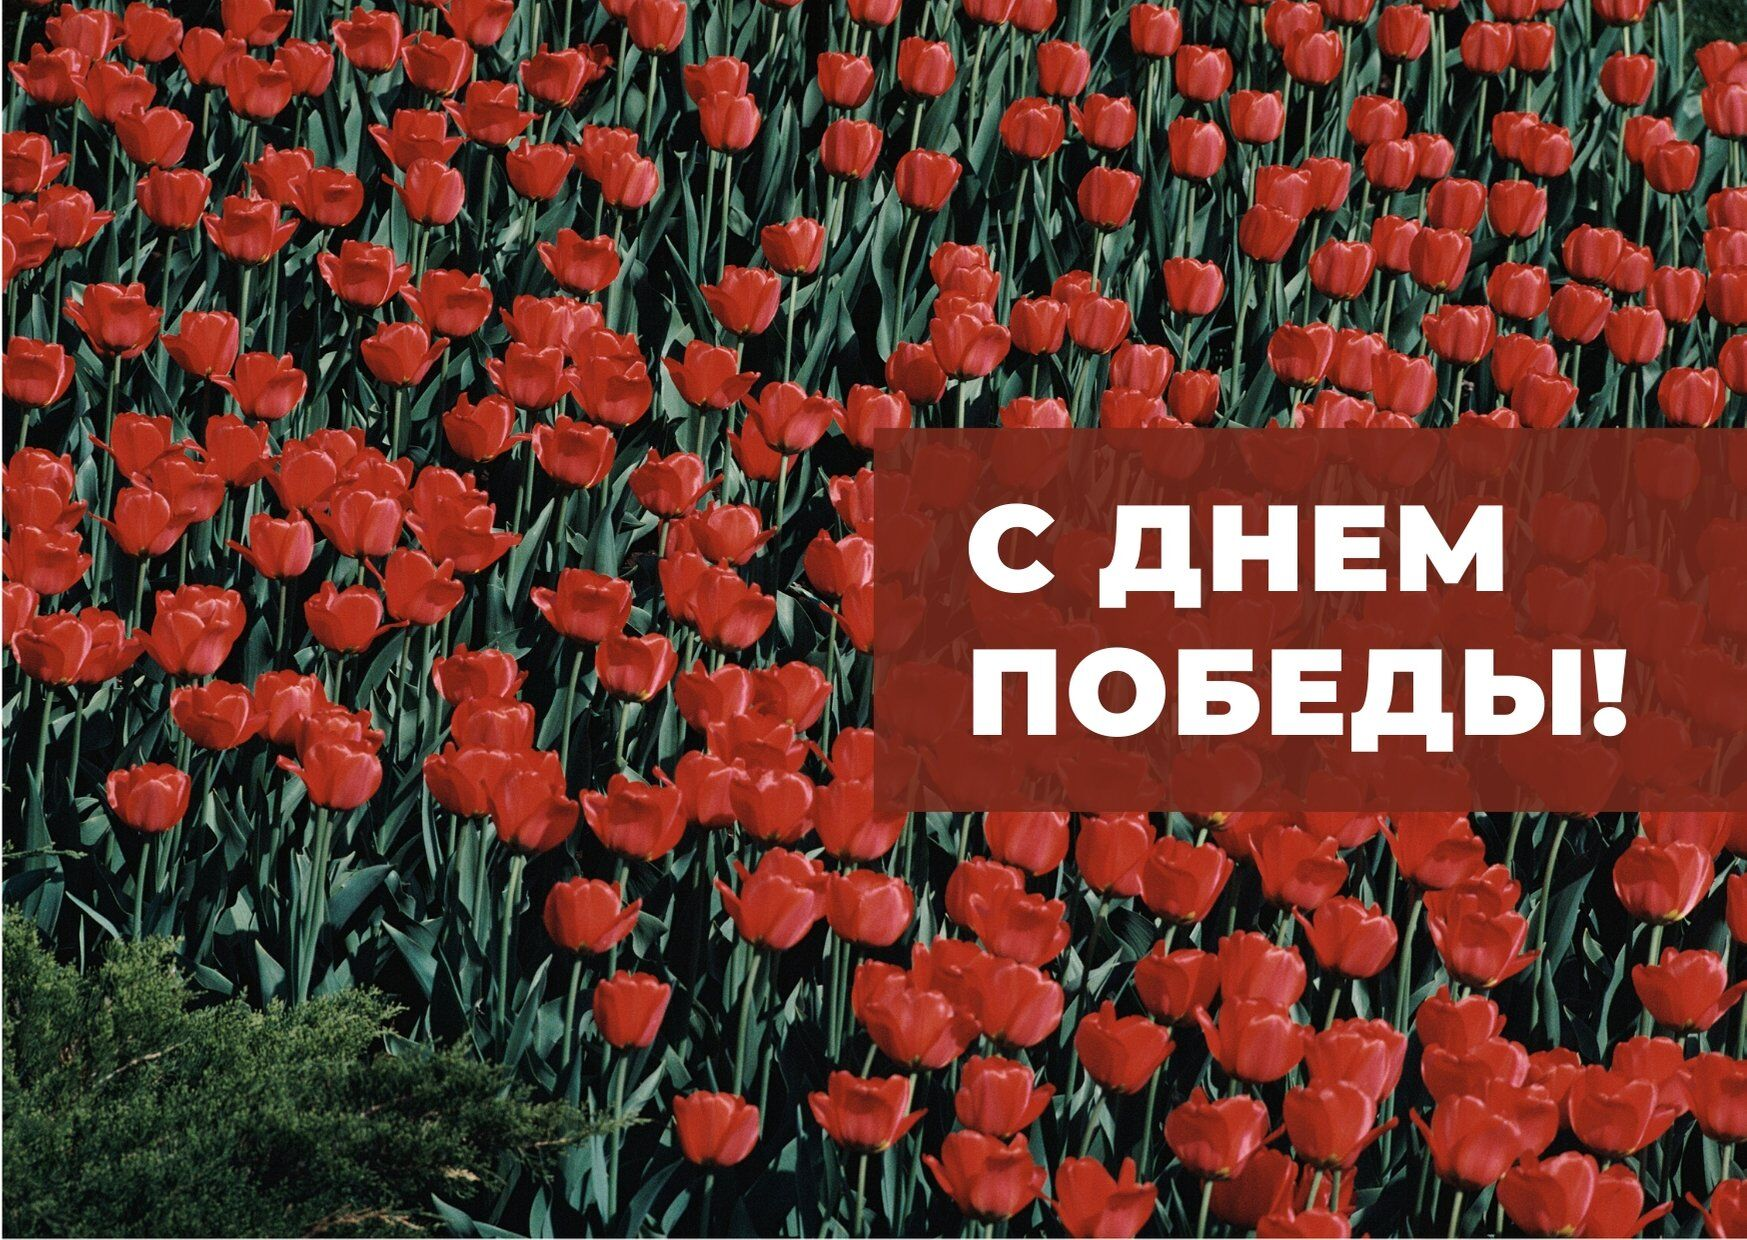 Поздравление на 9 мая